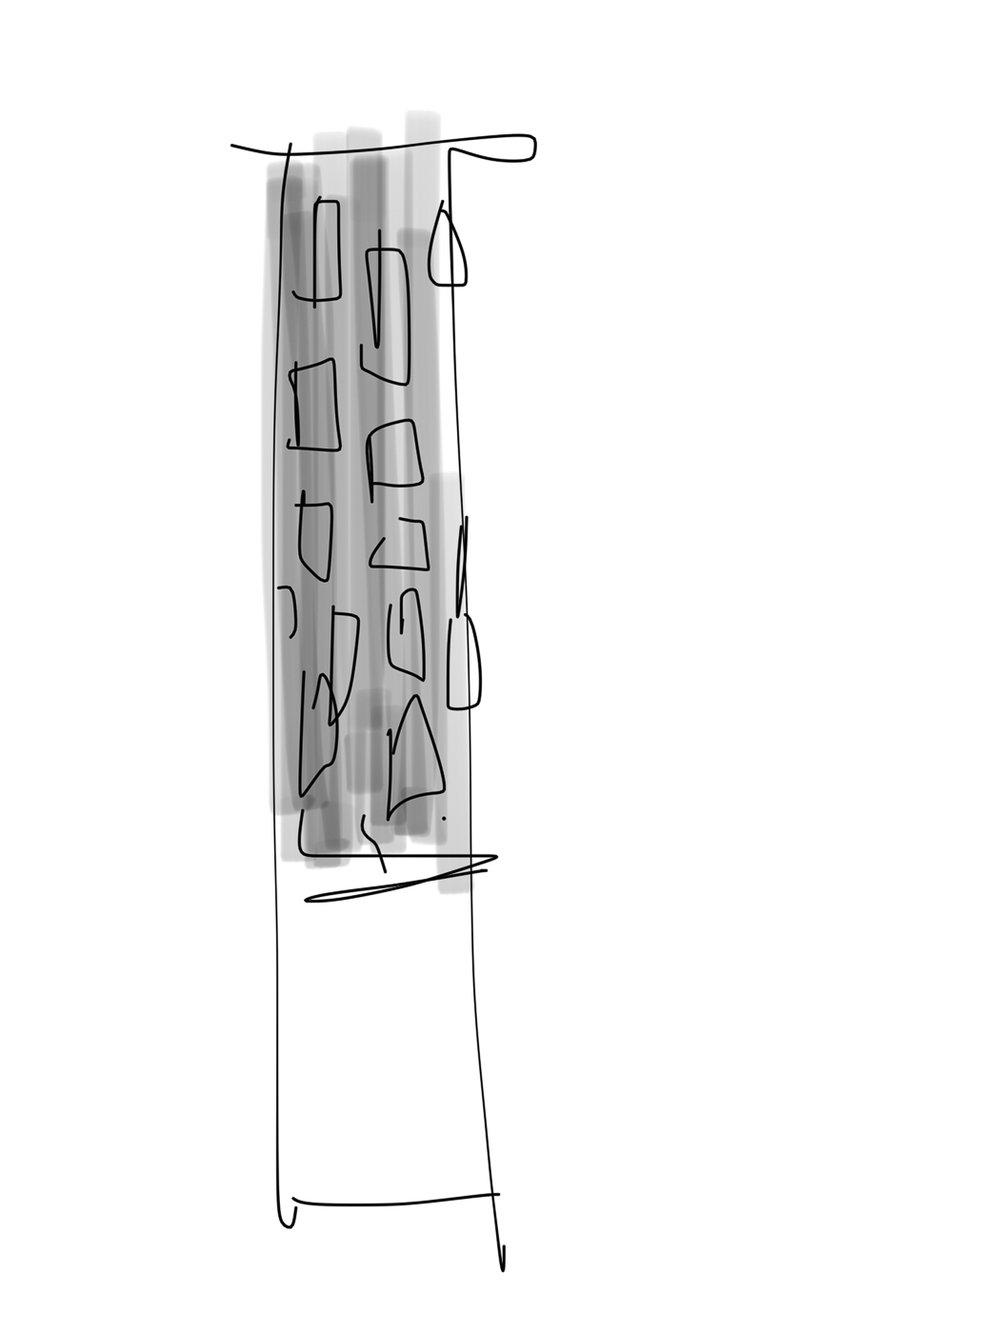 Sketch-486.jpg